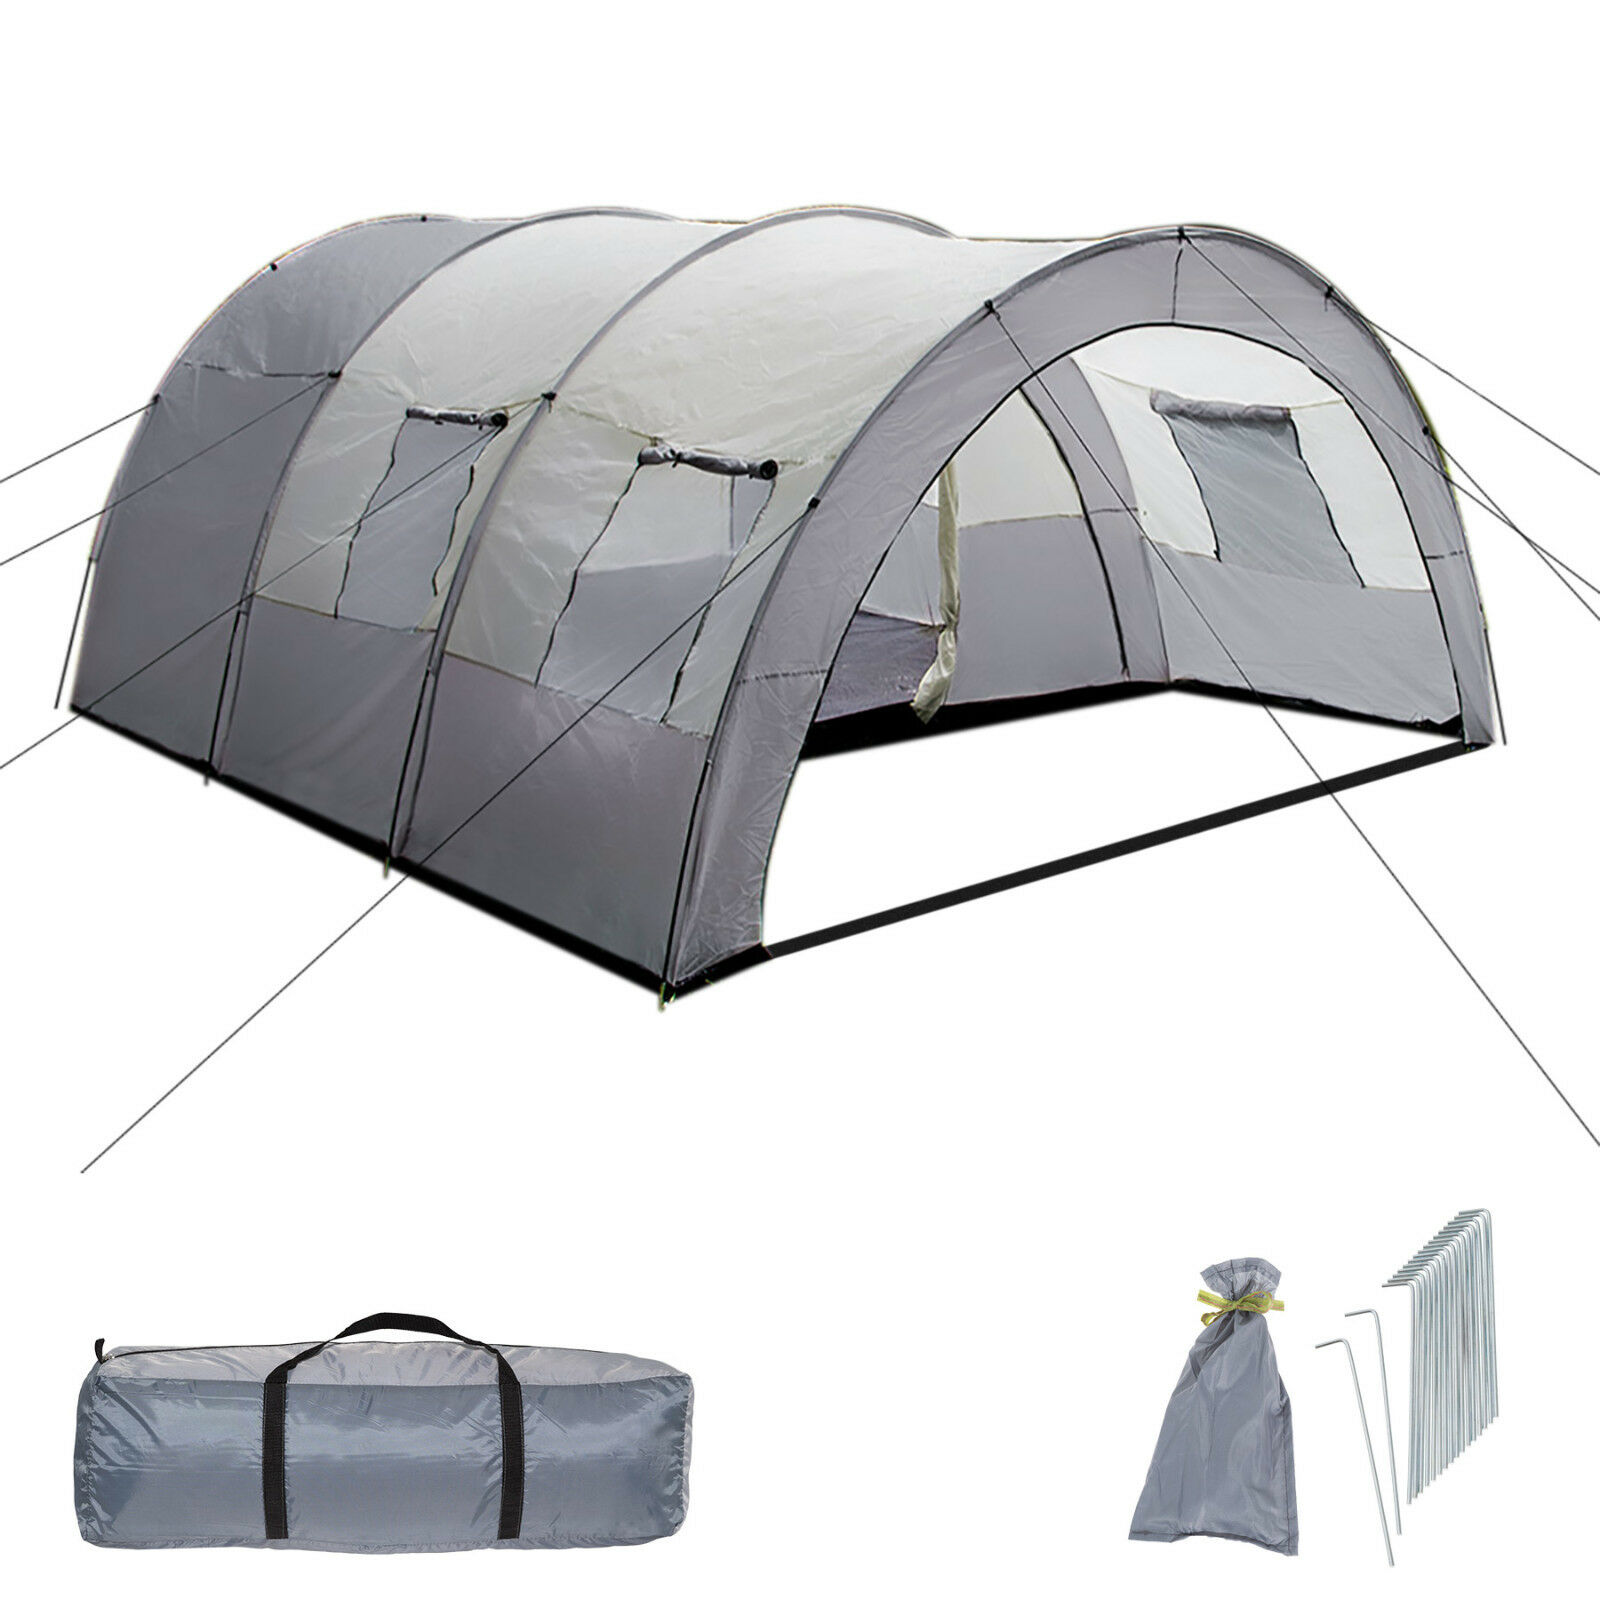 XXL Tenda Campeggio 4  6 Persone Posti Tendone Camping Famiglia Grigio